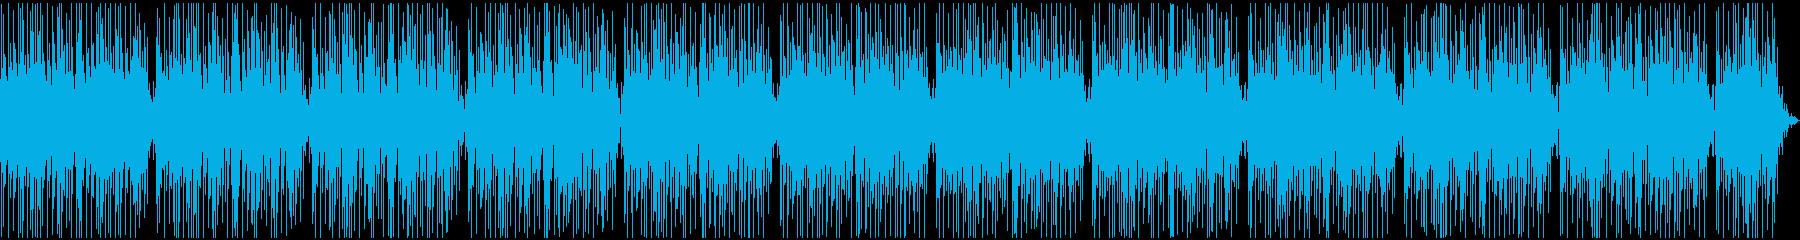 お洒落で明るいギターポップスの再生済みの波形